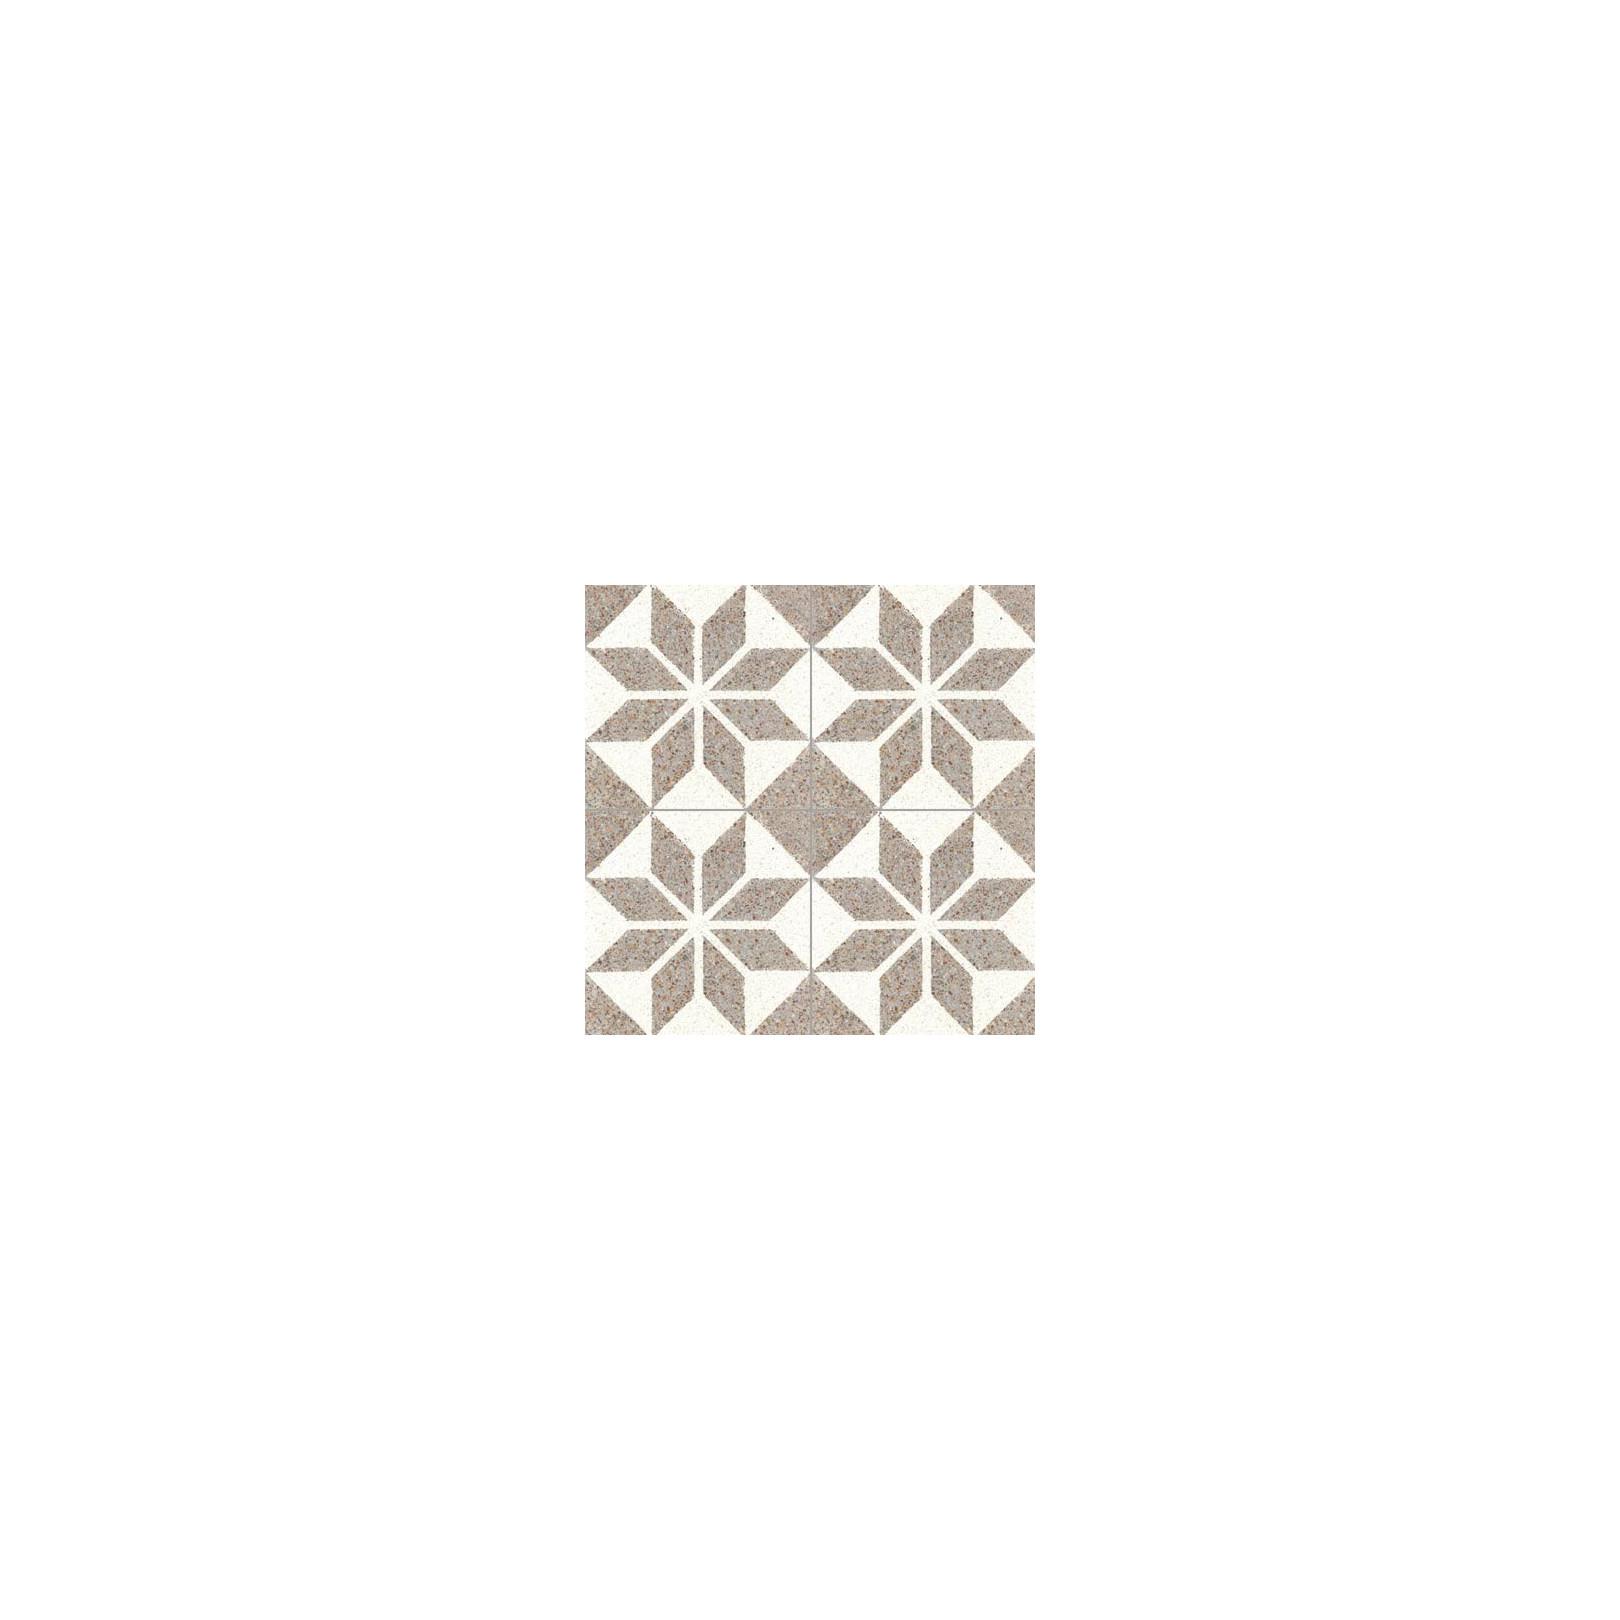 Carreau de terrazzo motif blanc et beige SOLEIL 10.332